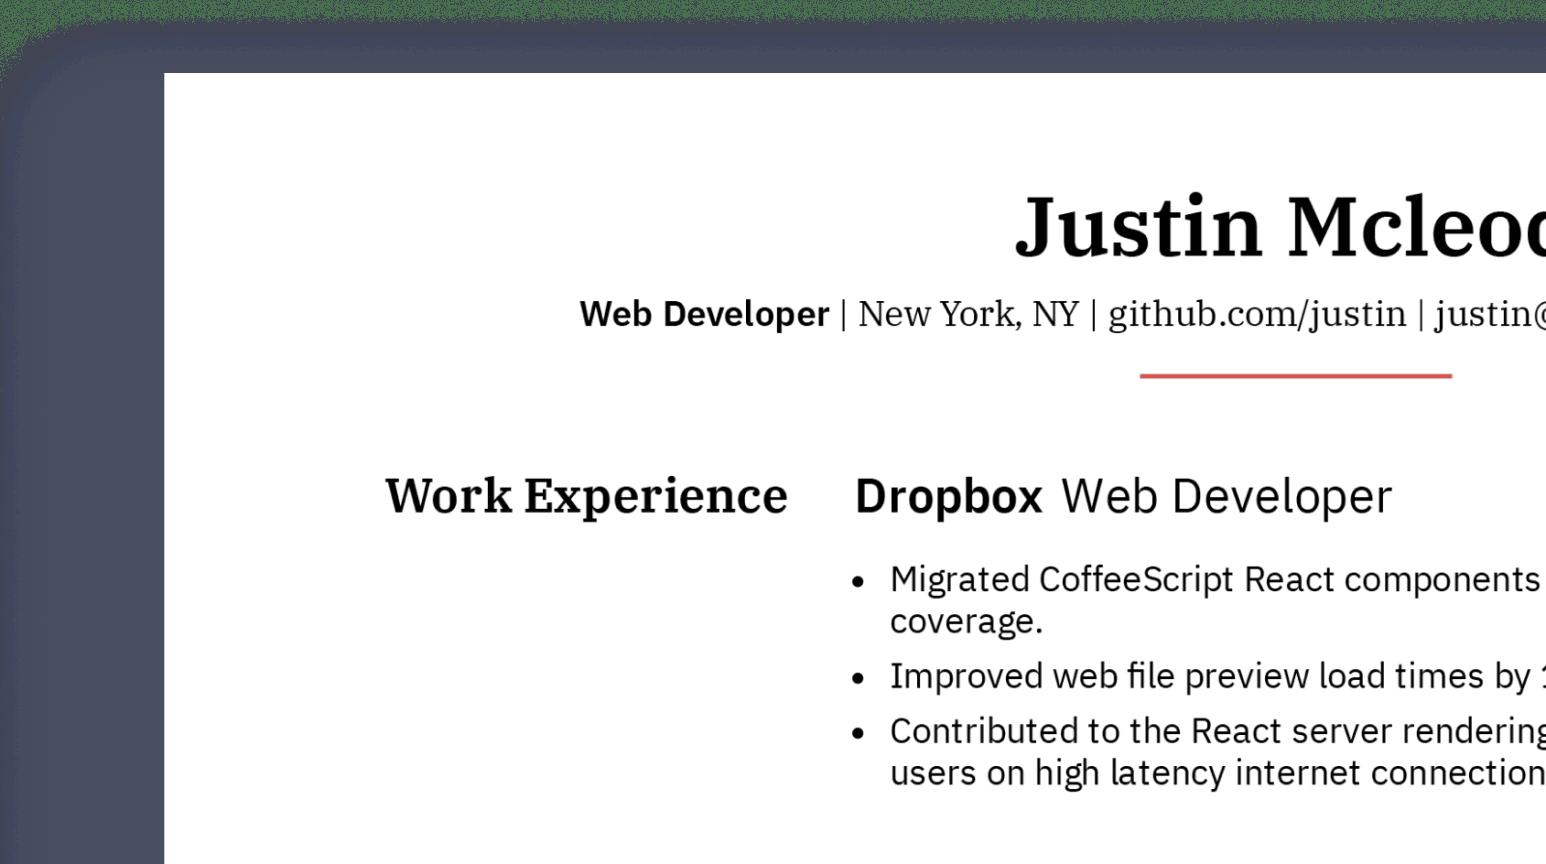 Design details of professional web developer resume sample.